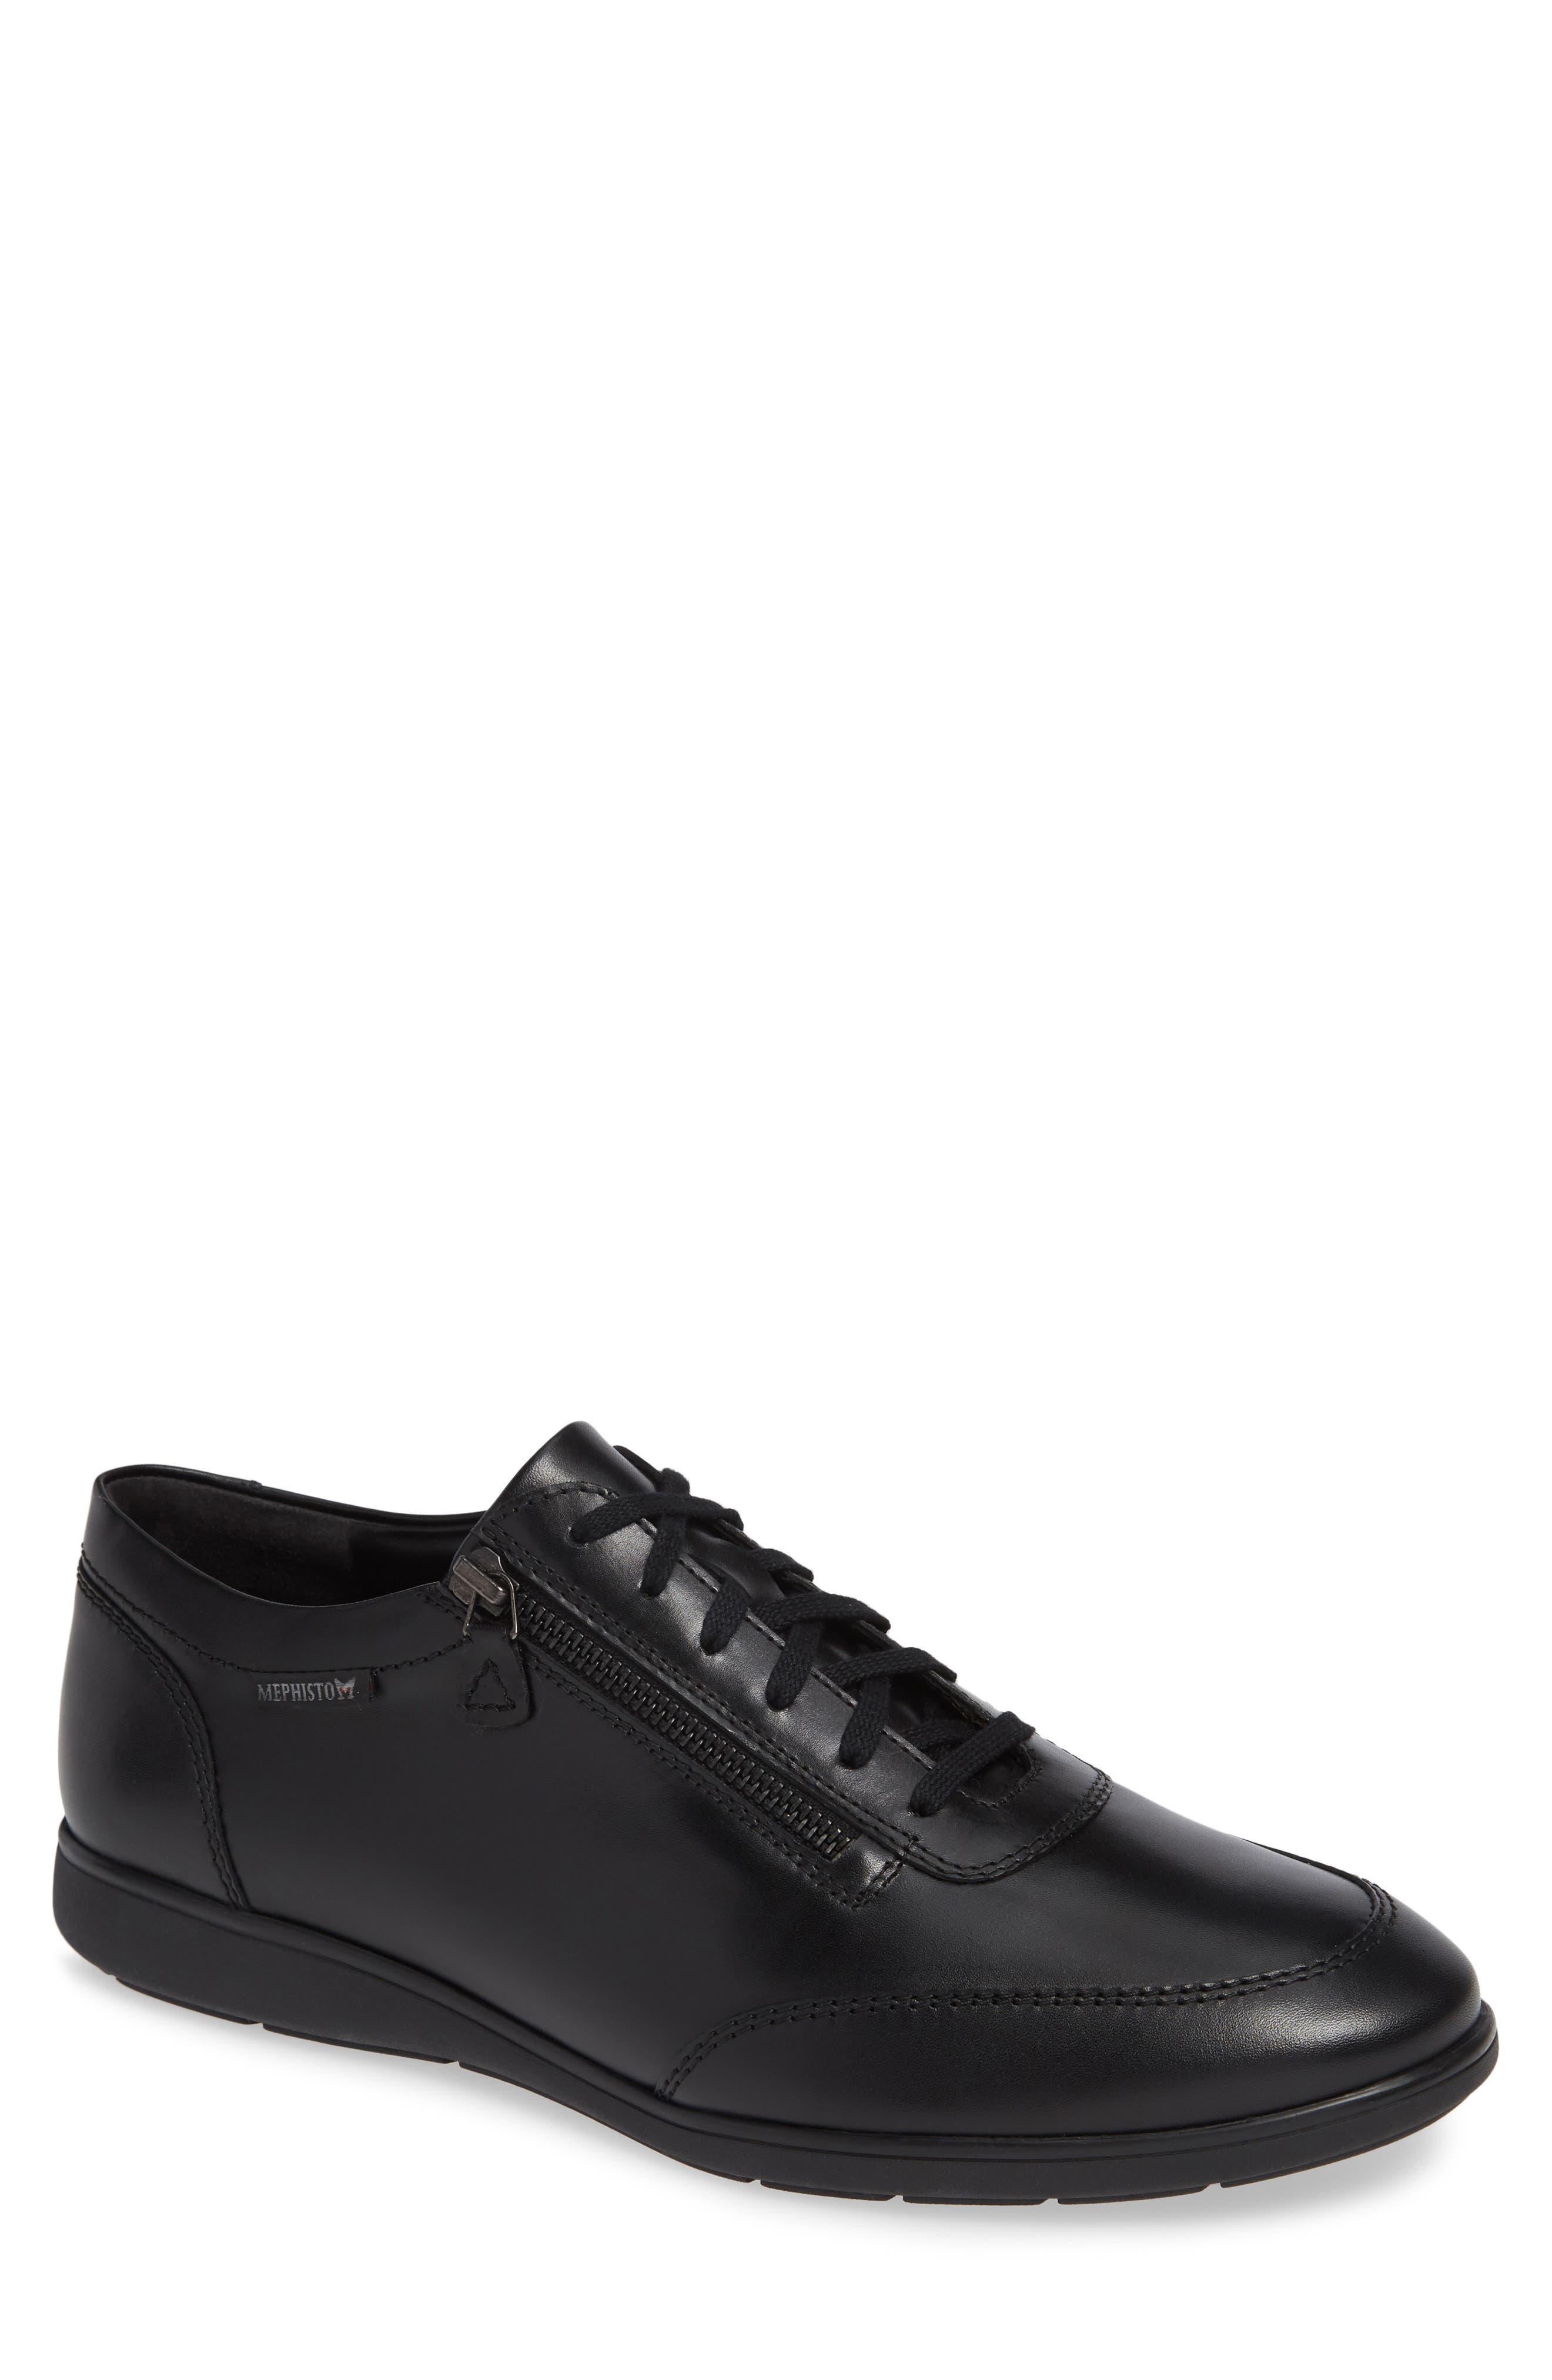 Laurent Zippered Low Top Sneaker,                         Main,                         color, 001